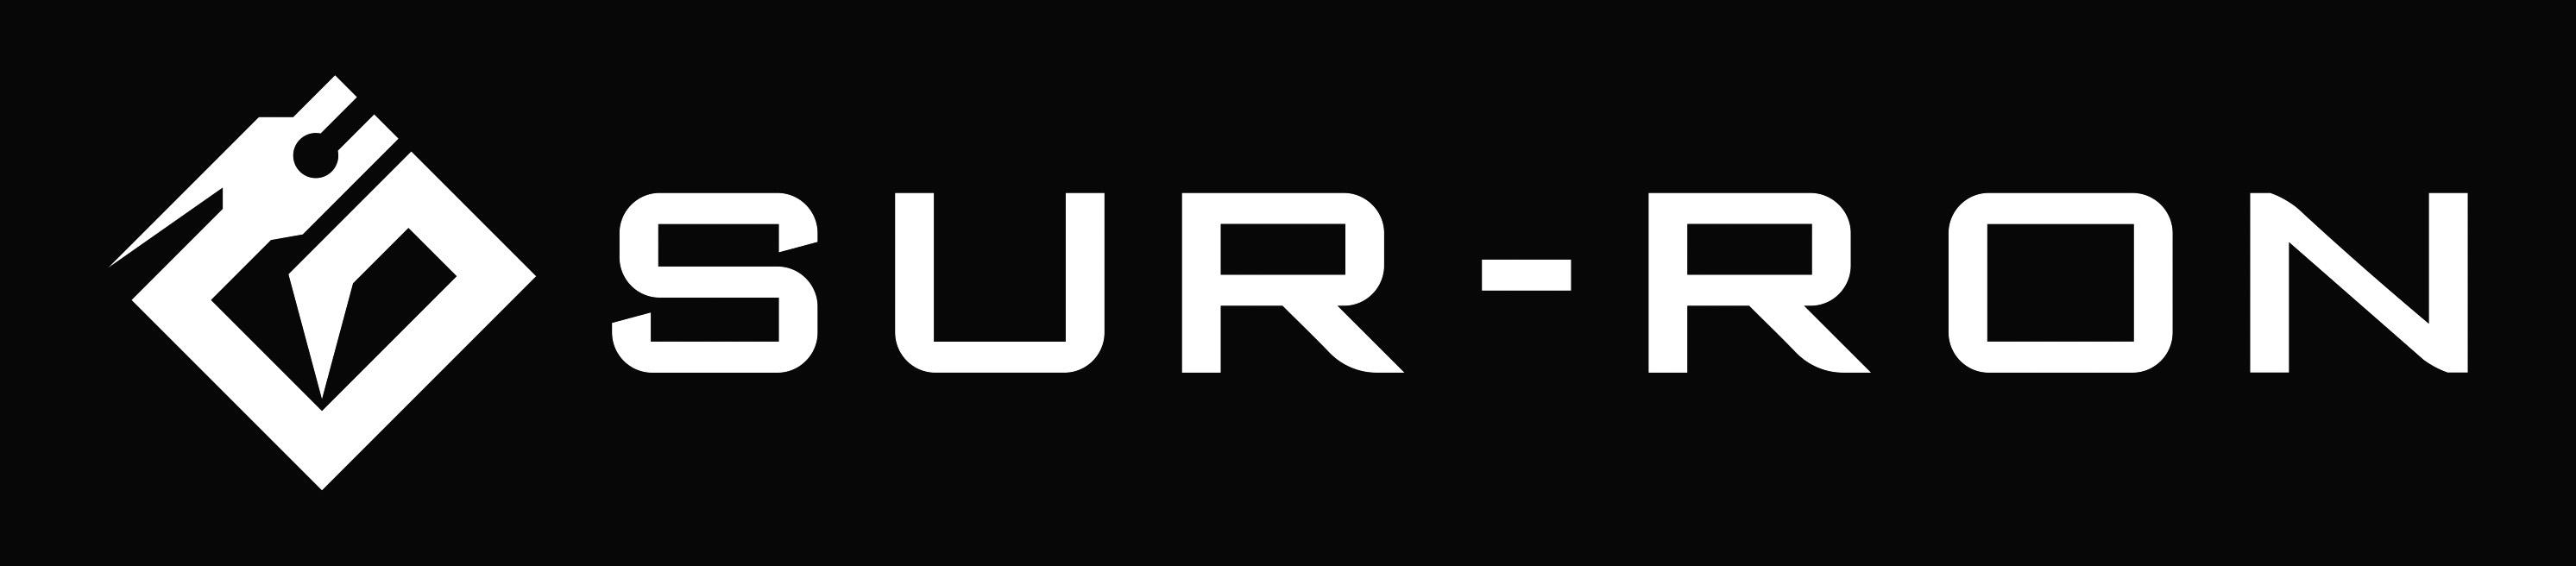 Sur-Ron_-_logo_paysage_black.jpg